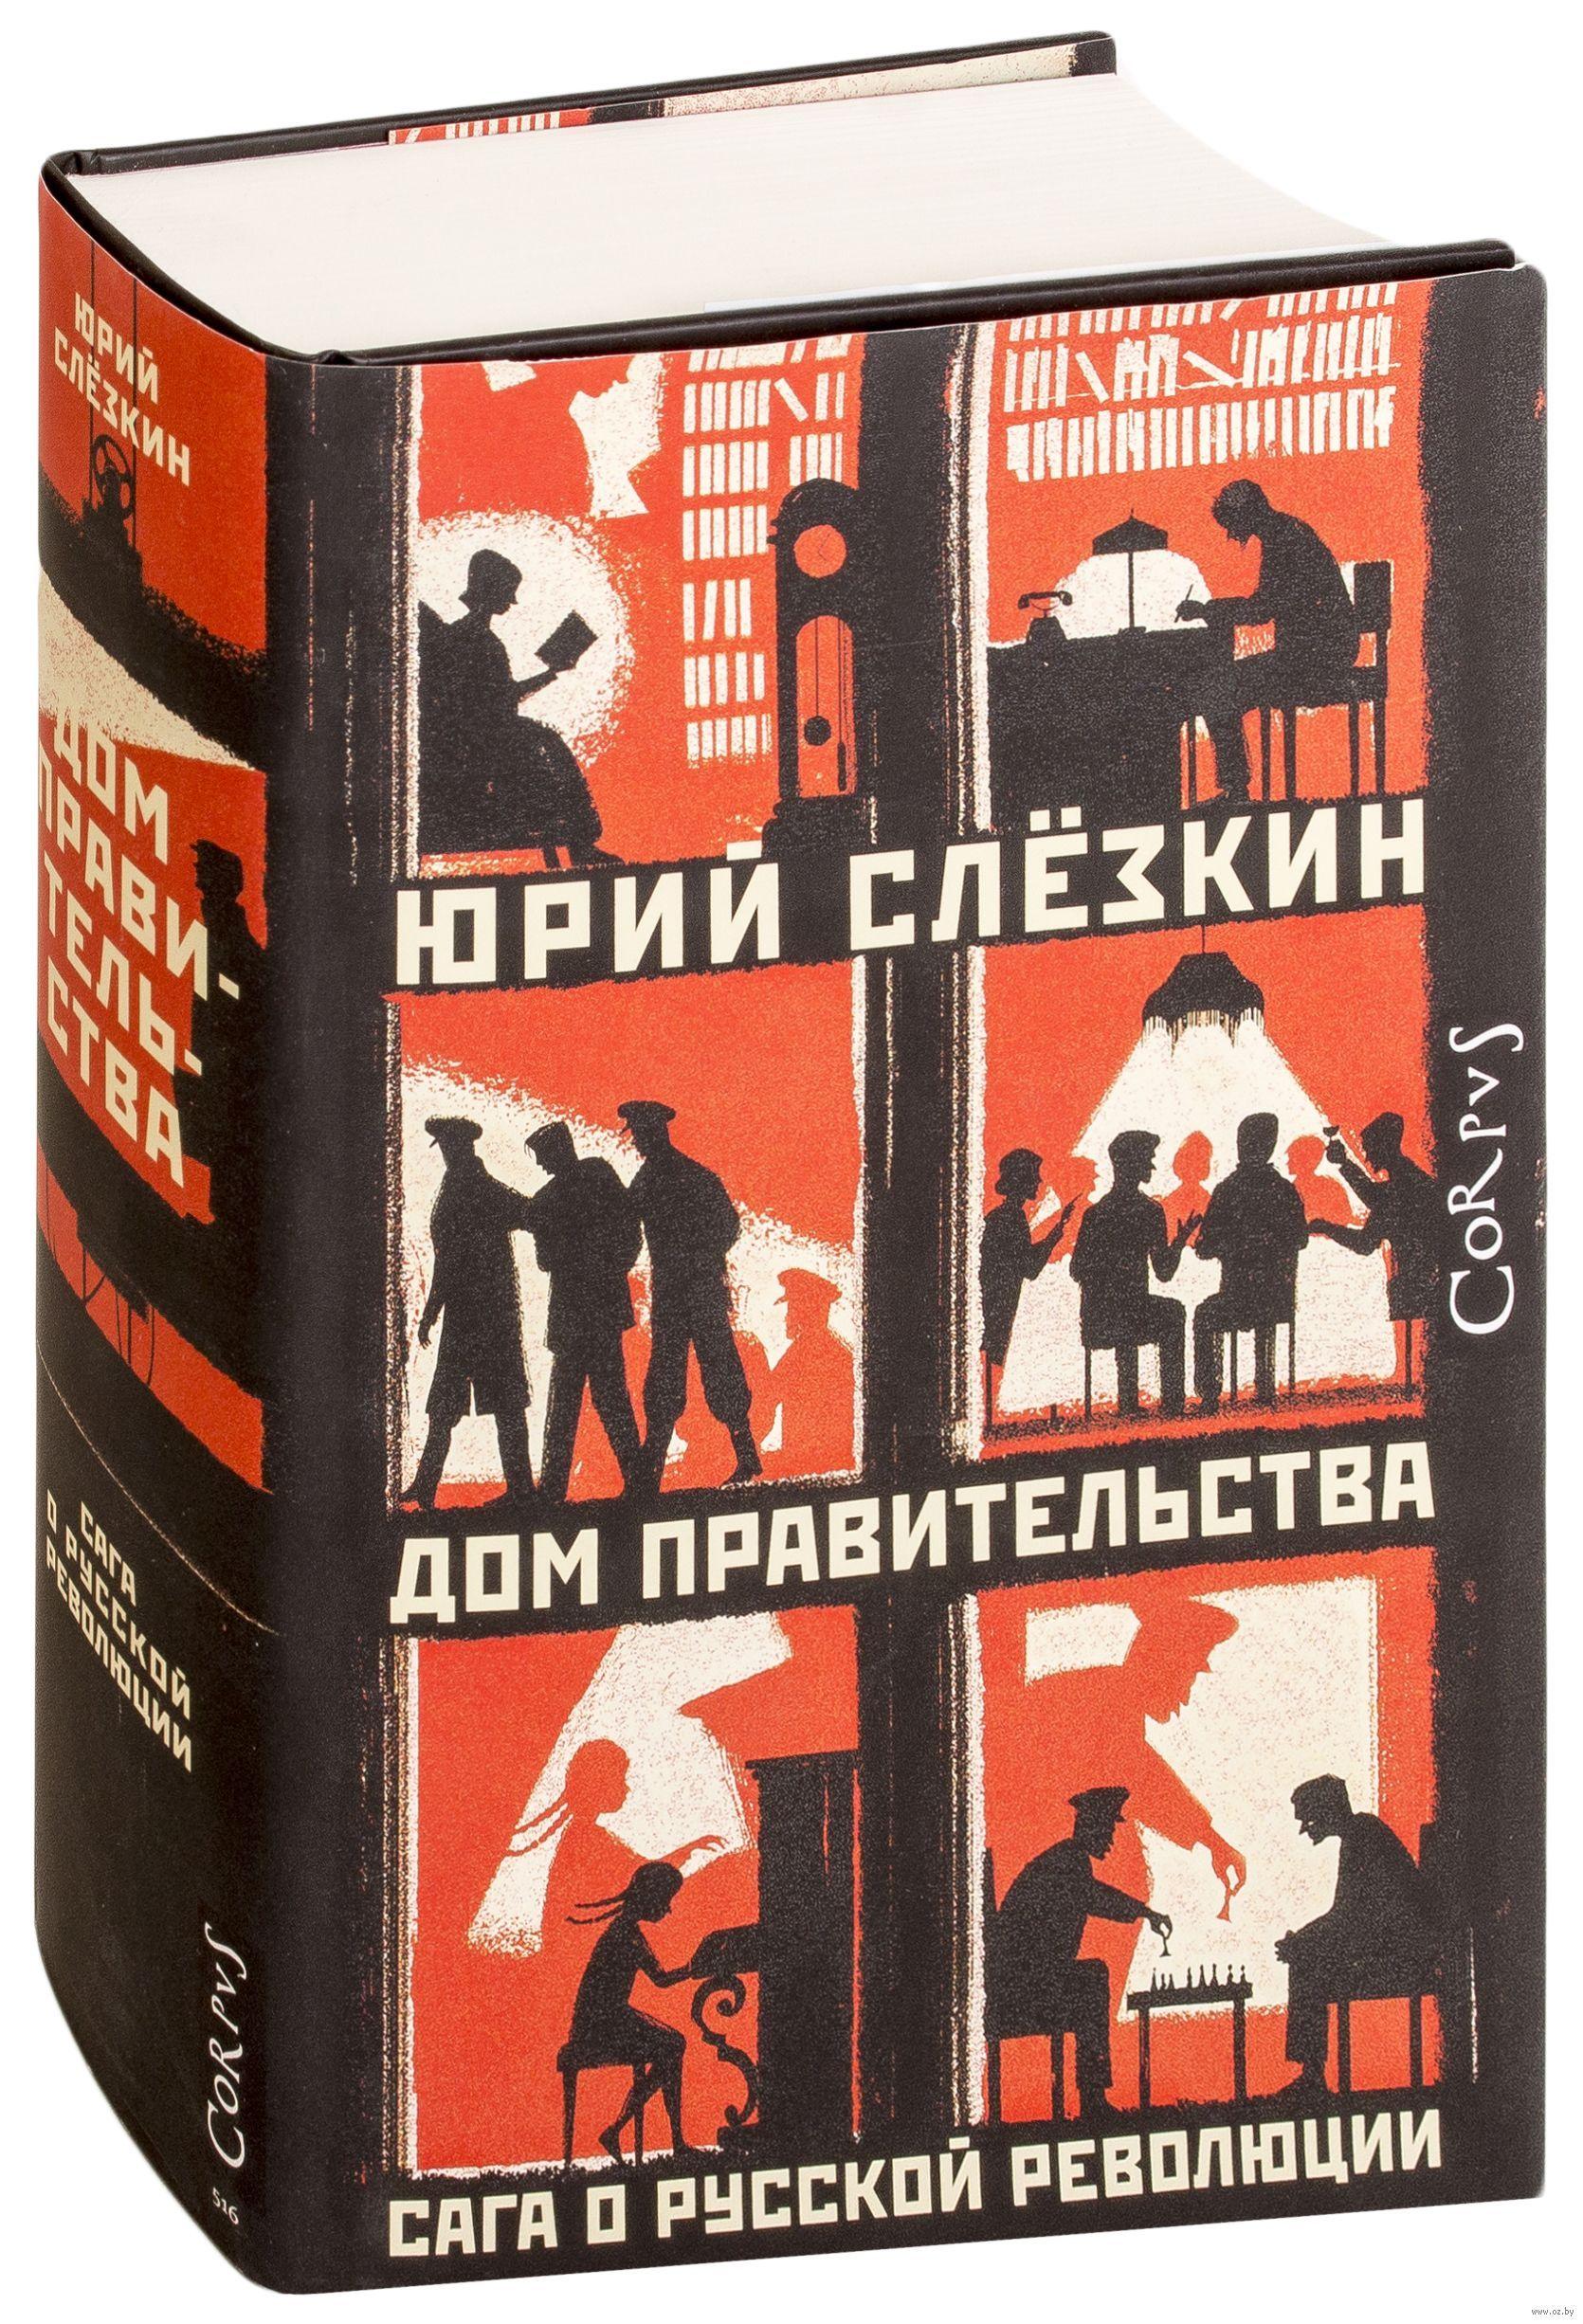 Юрий Слезкин «Дом правительства. Сага о русской революции»